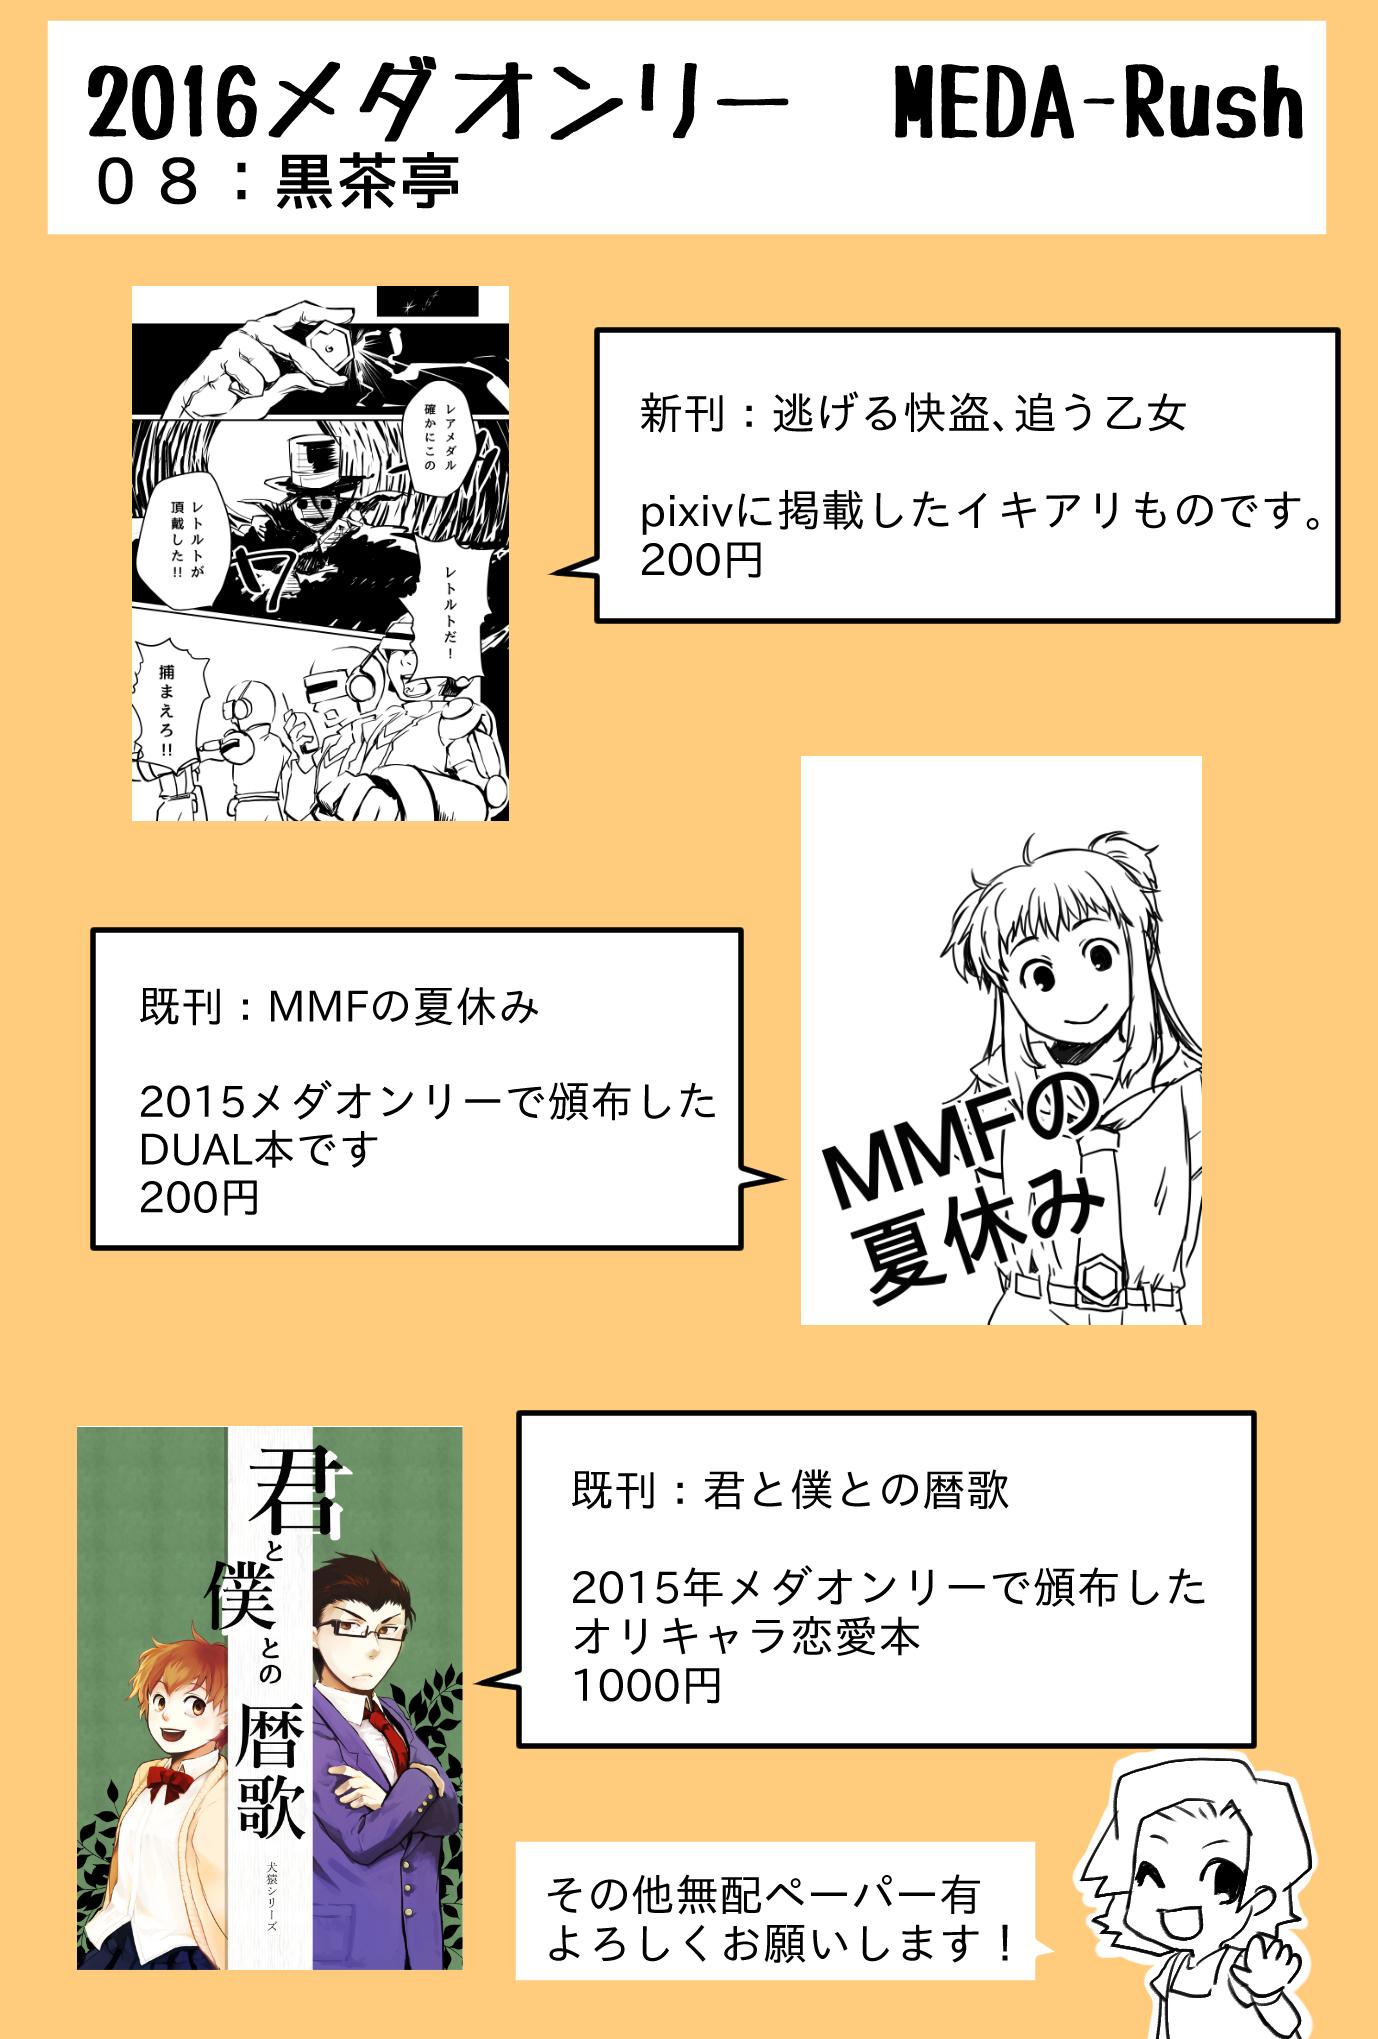 2016メダオンリー品書き